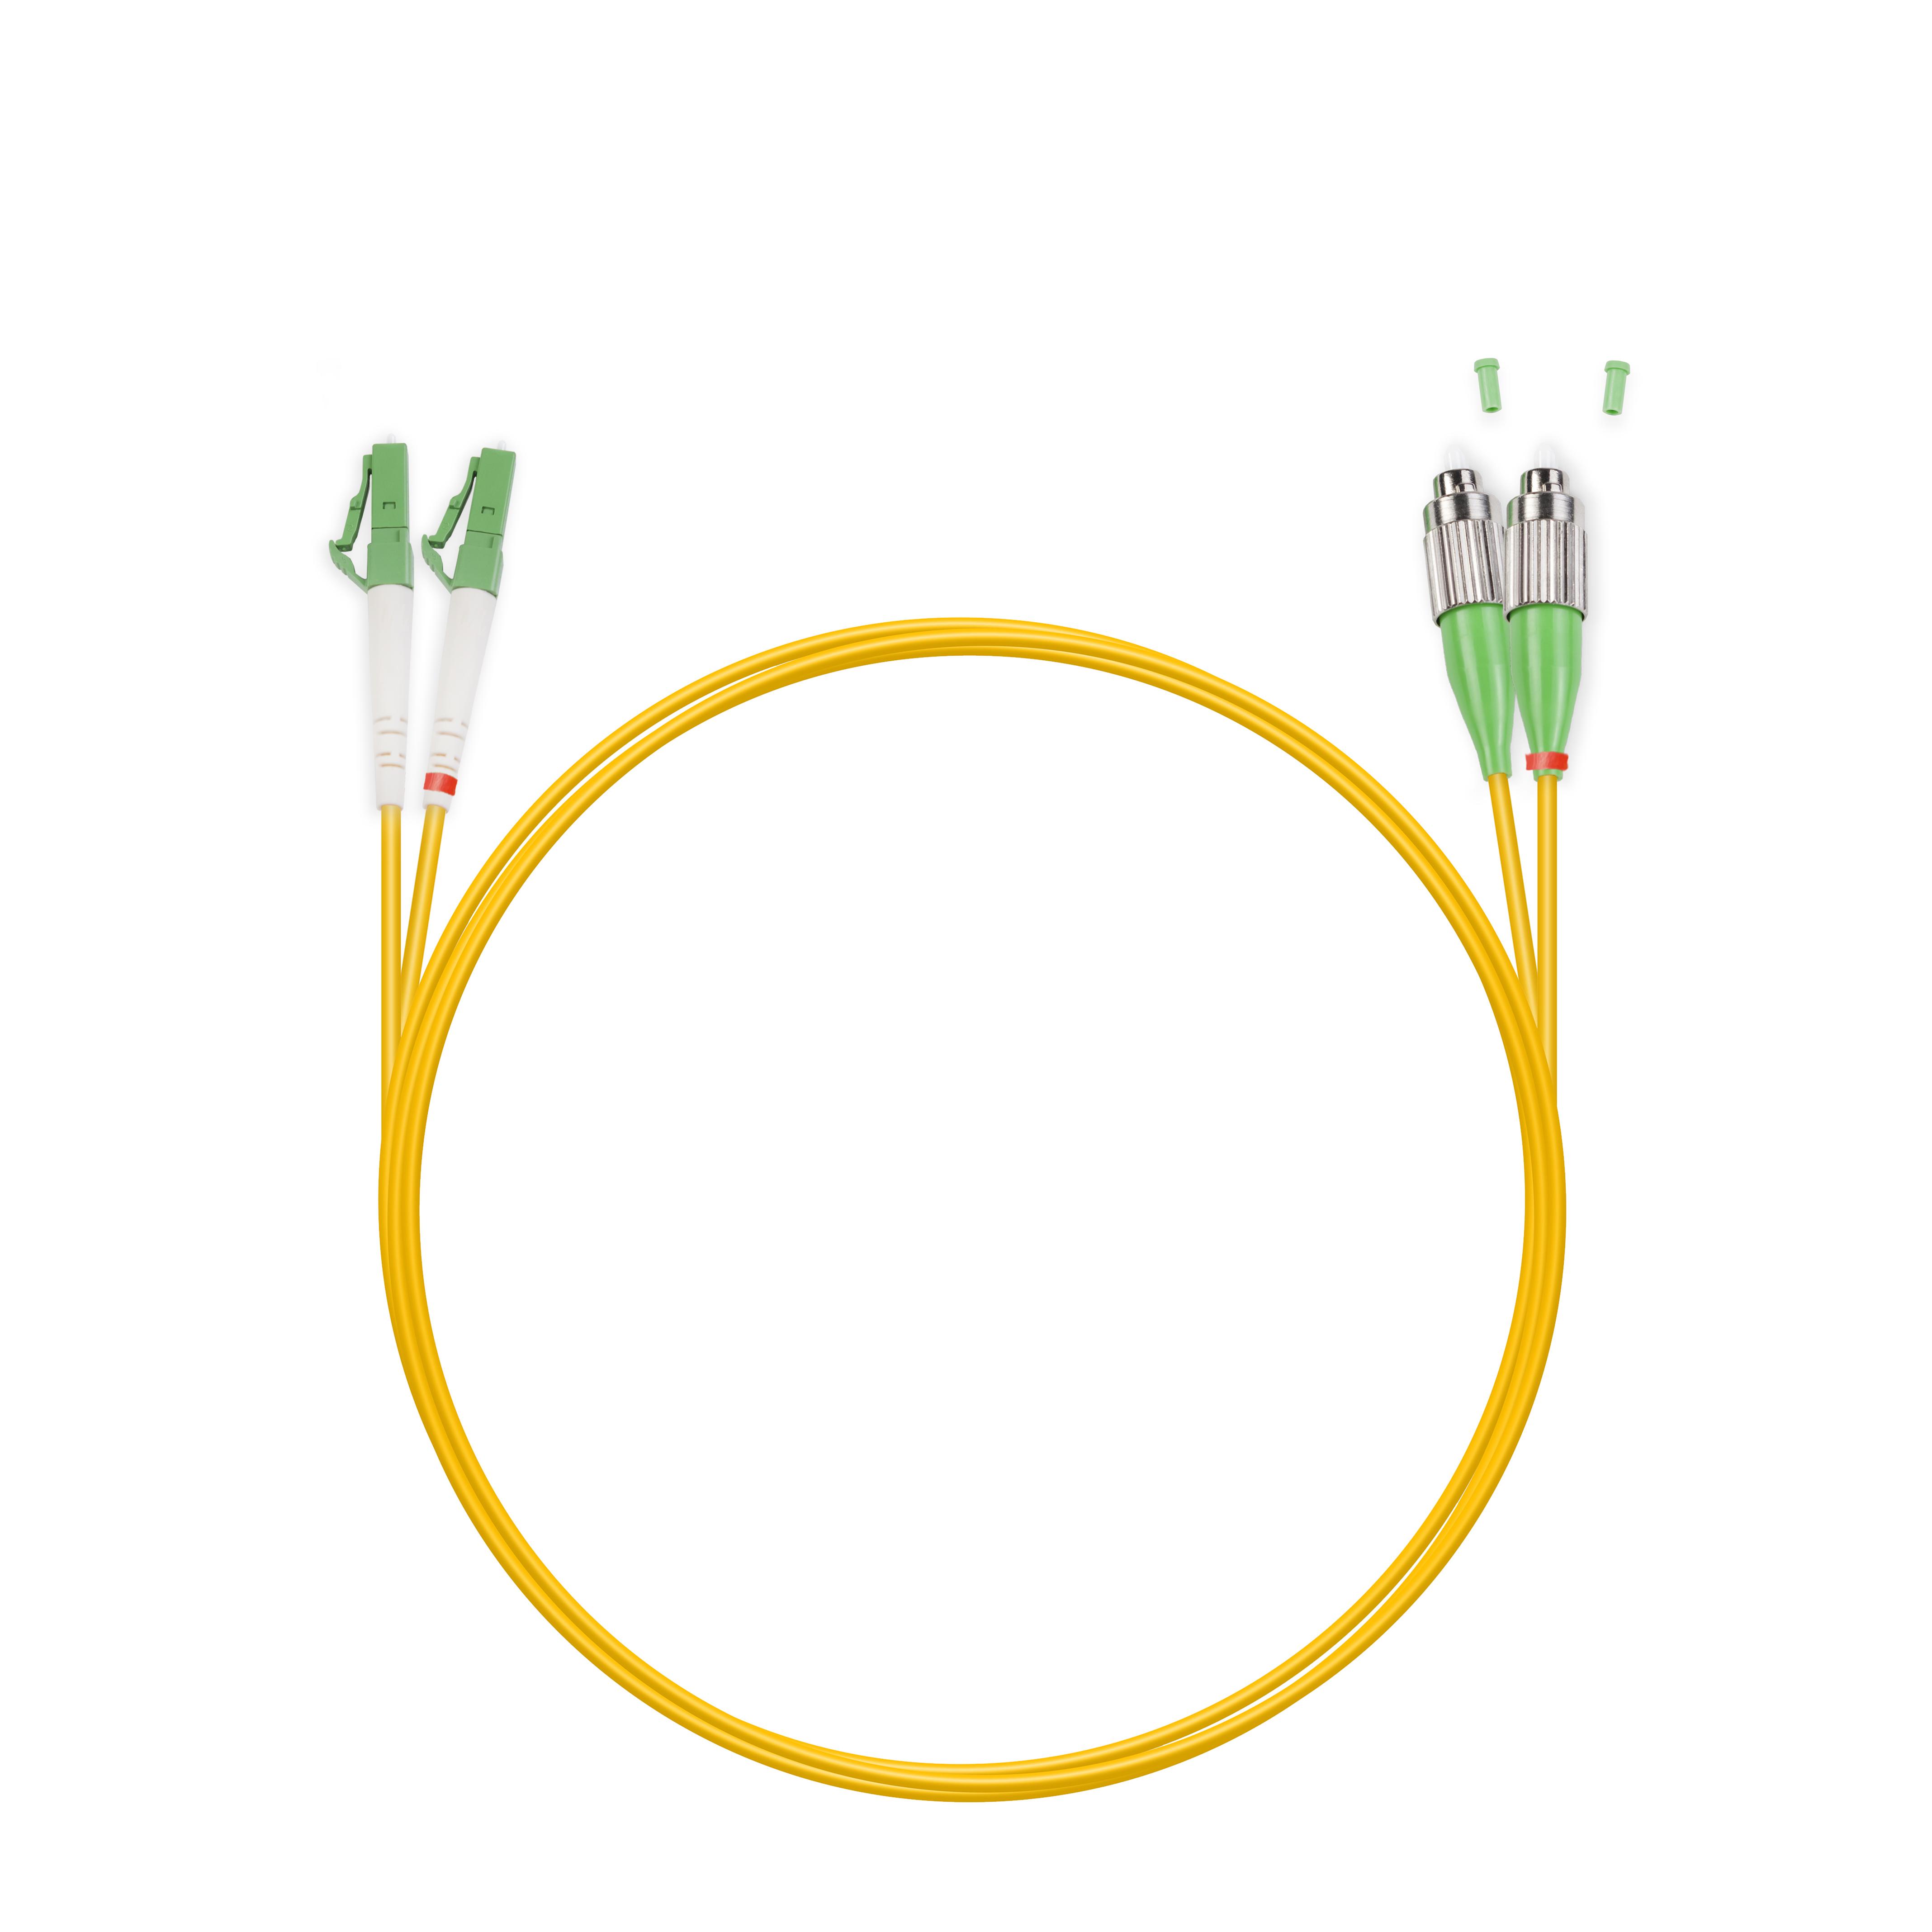 Патч Корд Оптоволоконный FC / APC-LC / APC SM 9 / 125 Duplex 3.0мм 1 м